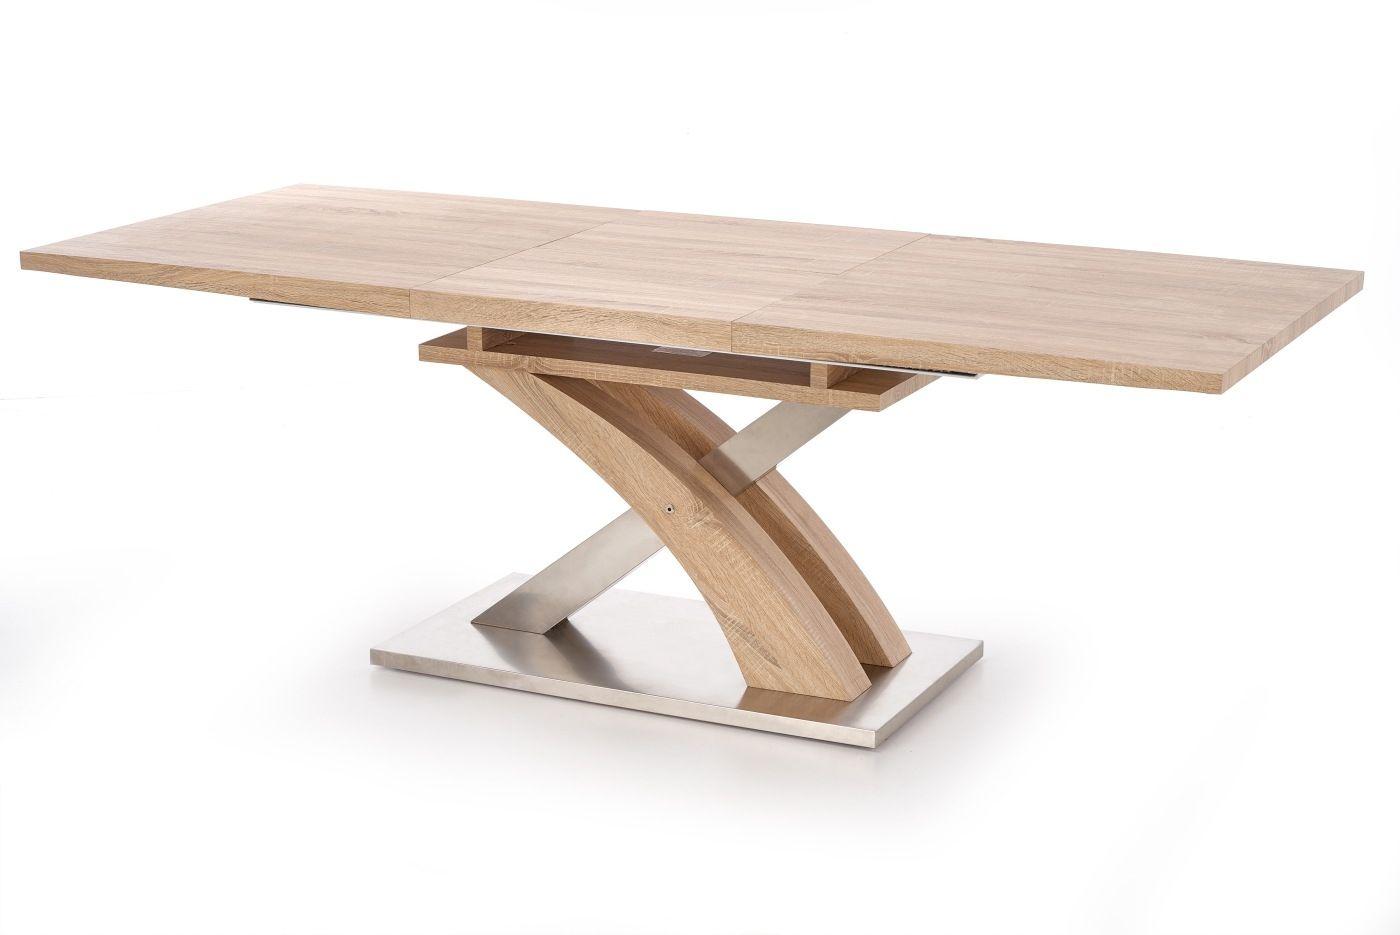 SANDOR stół rozkładany dąb sonoma Halmar